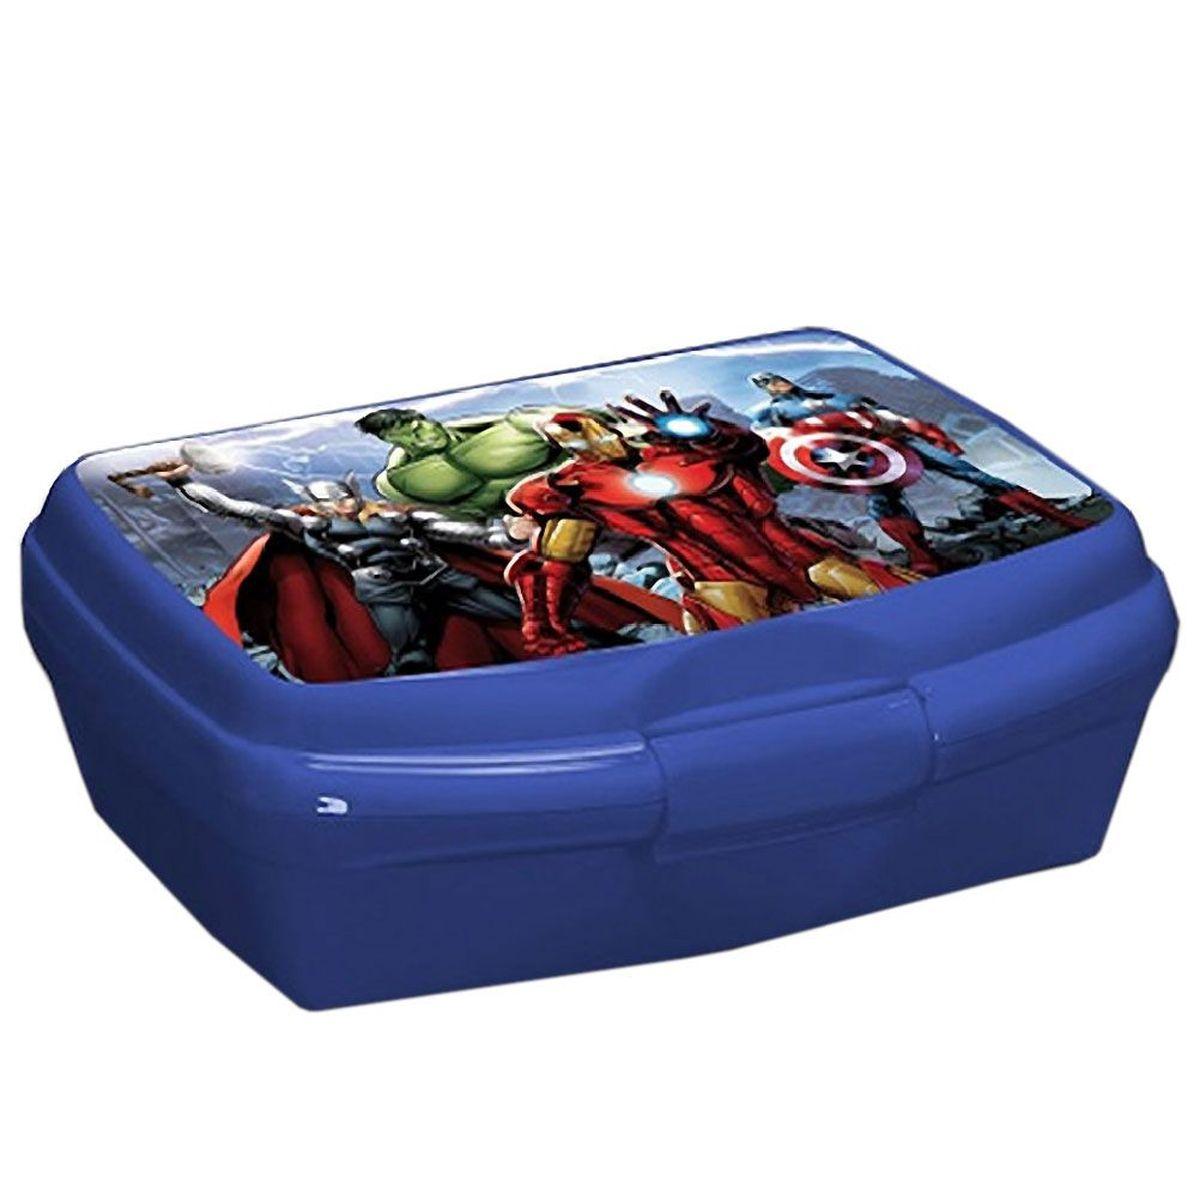 Boite gouter avengers captain america iron man thor hulk - Boite a gouter personnalisee ...